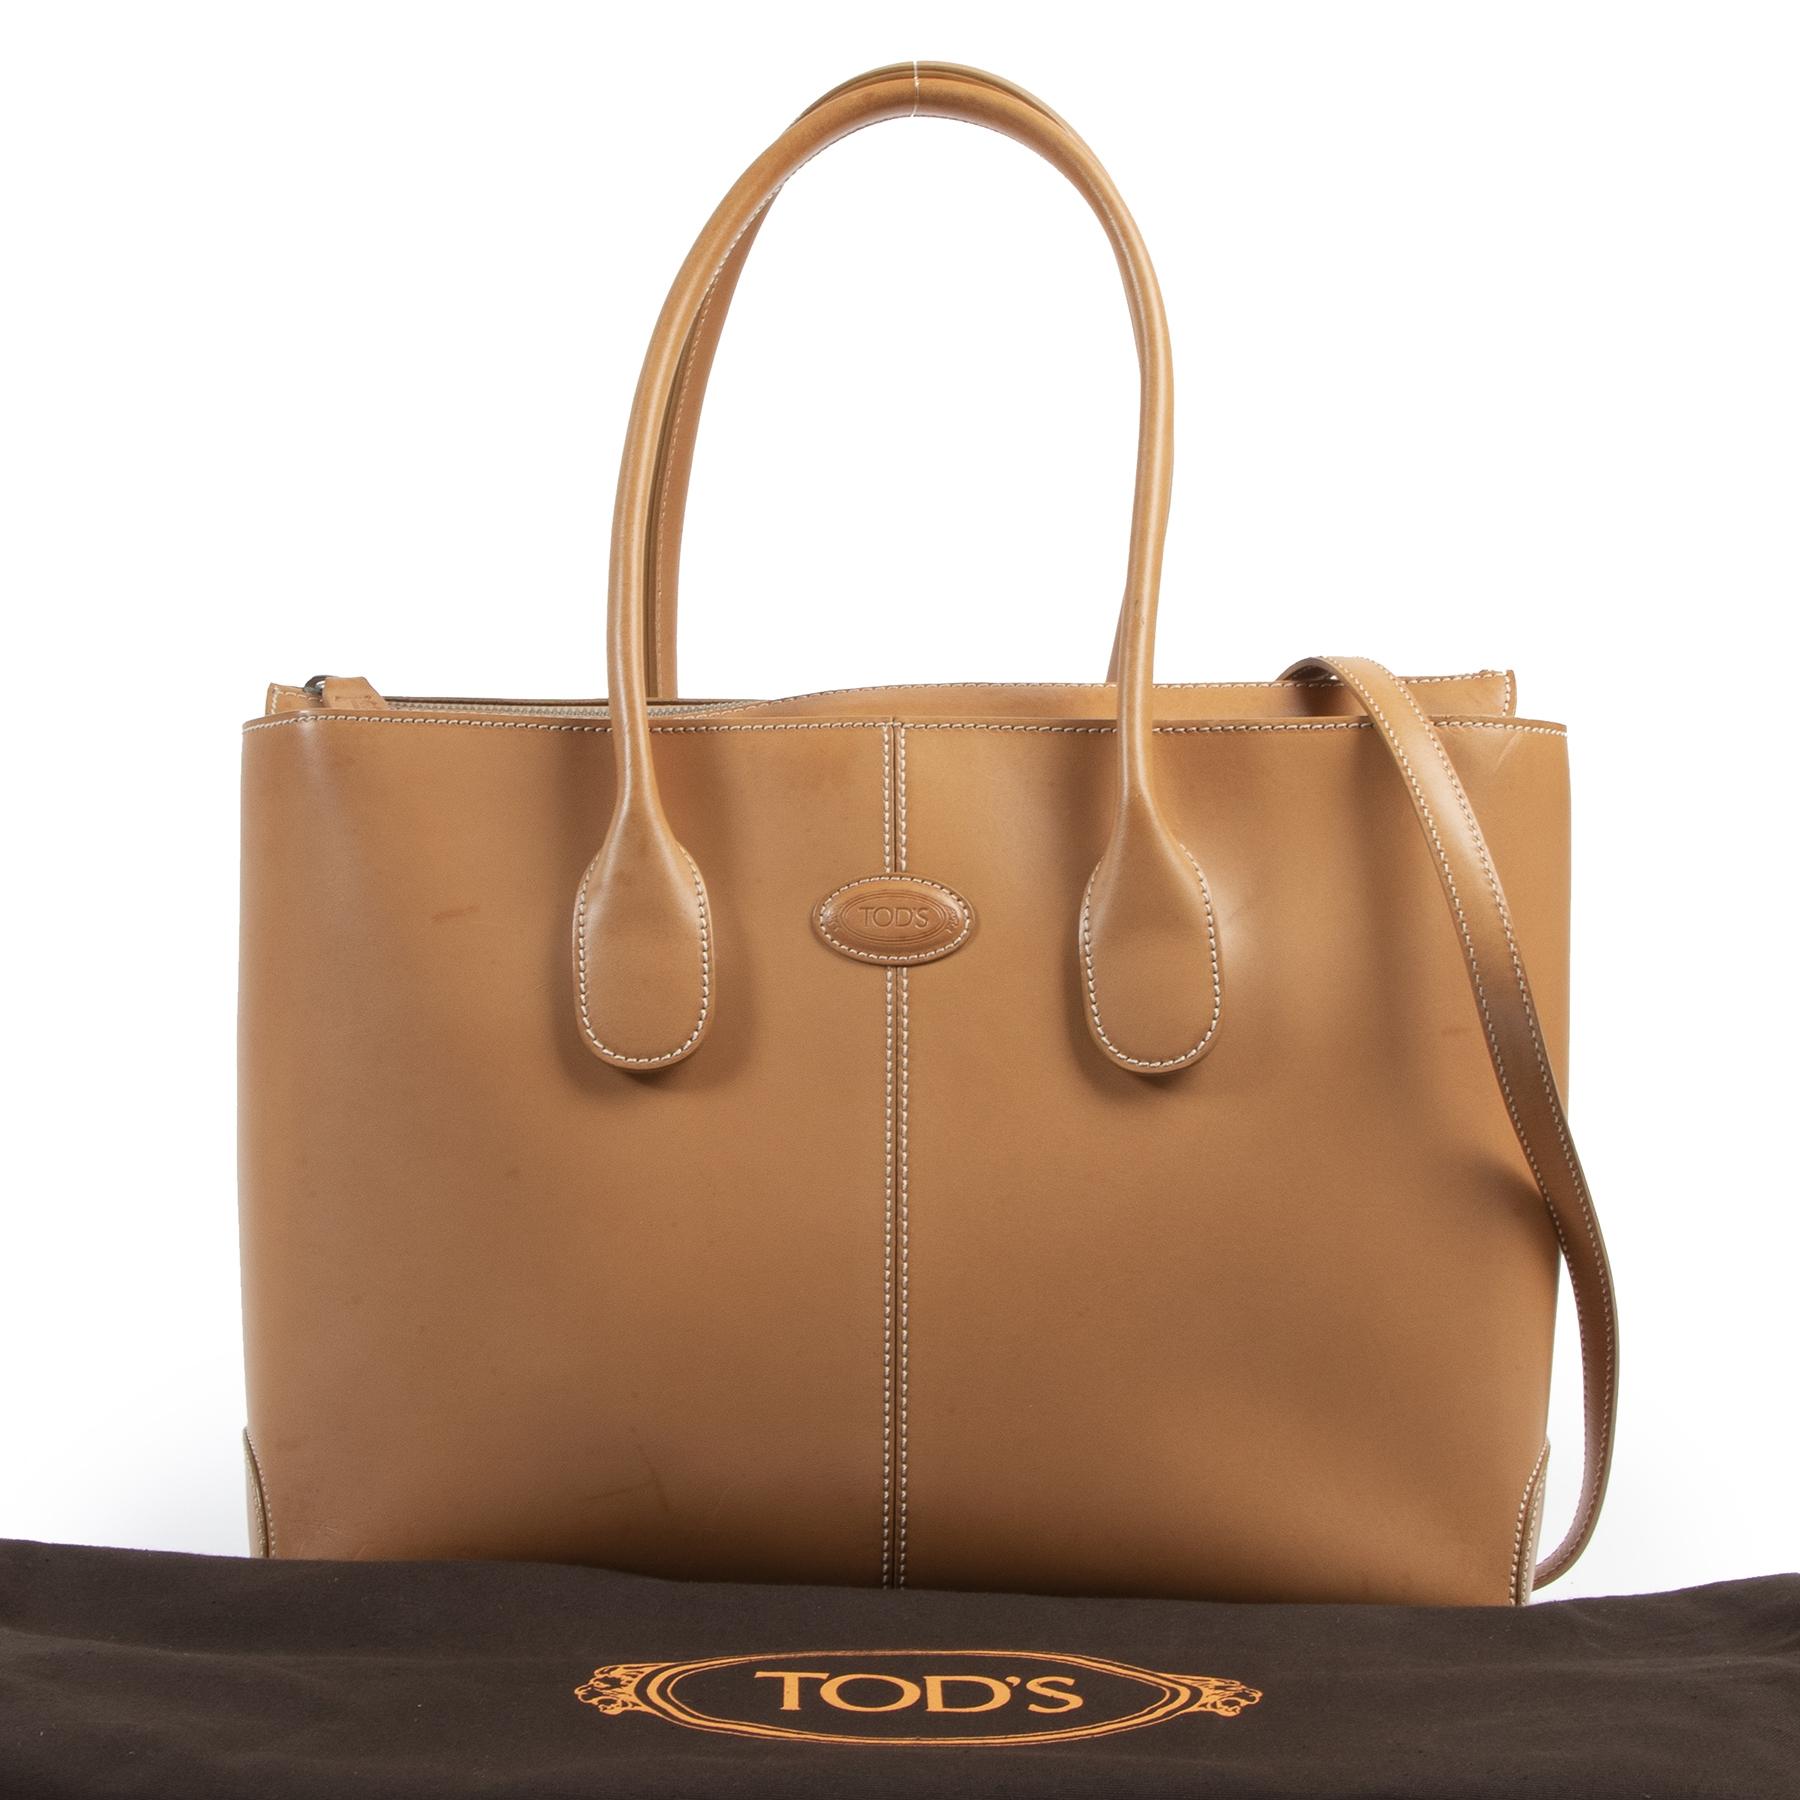 Tod's Camel Leather D Bag te koop aan de beste prijs bij Labellov tweedehands luxe